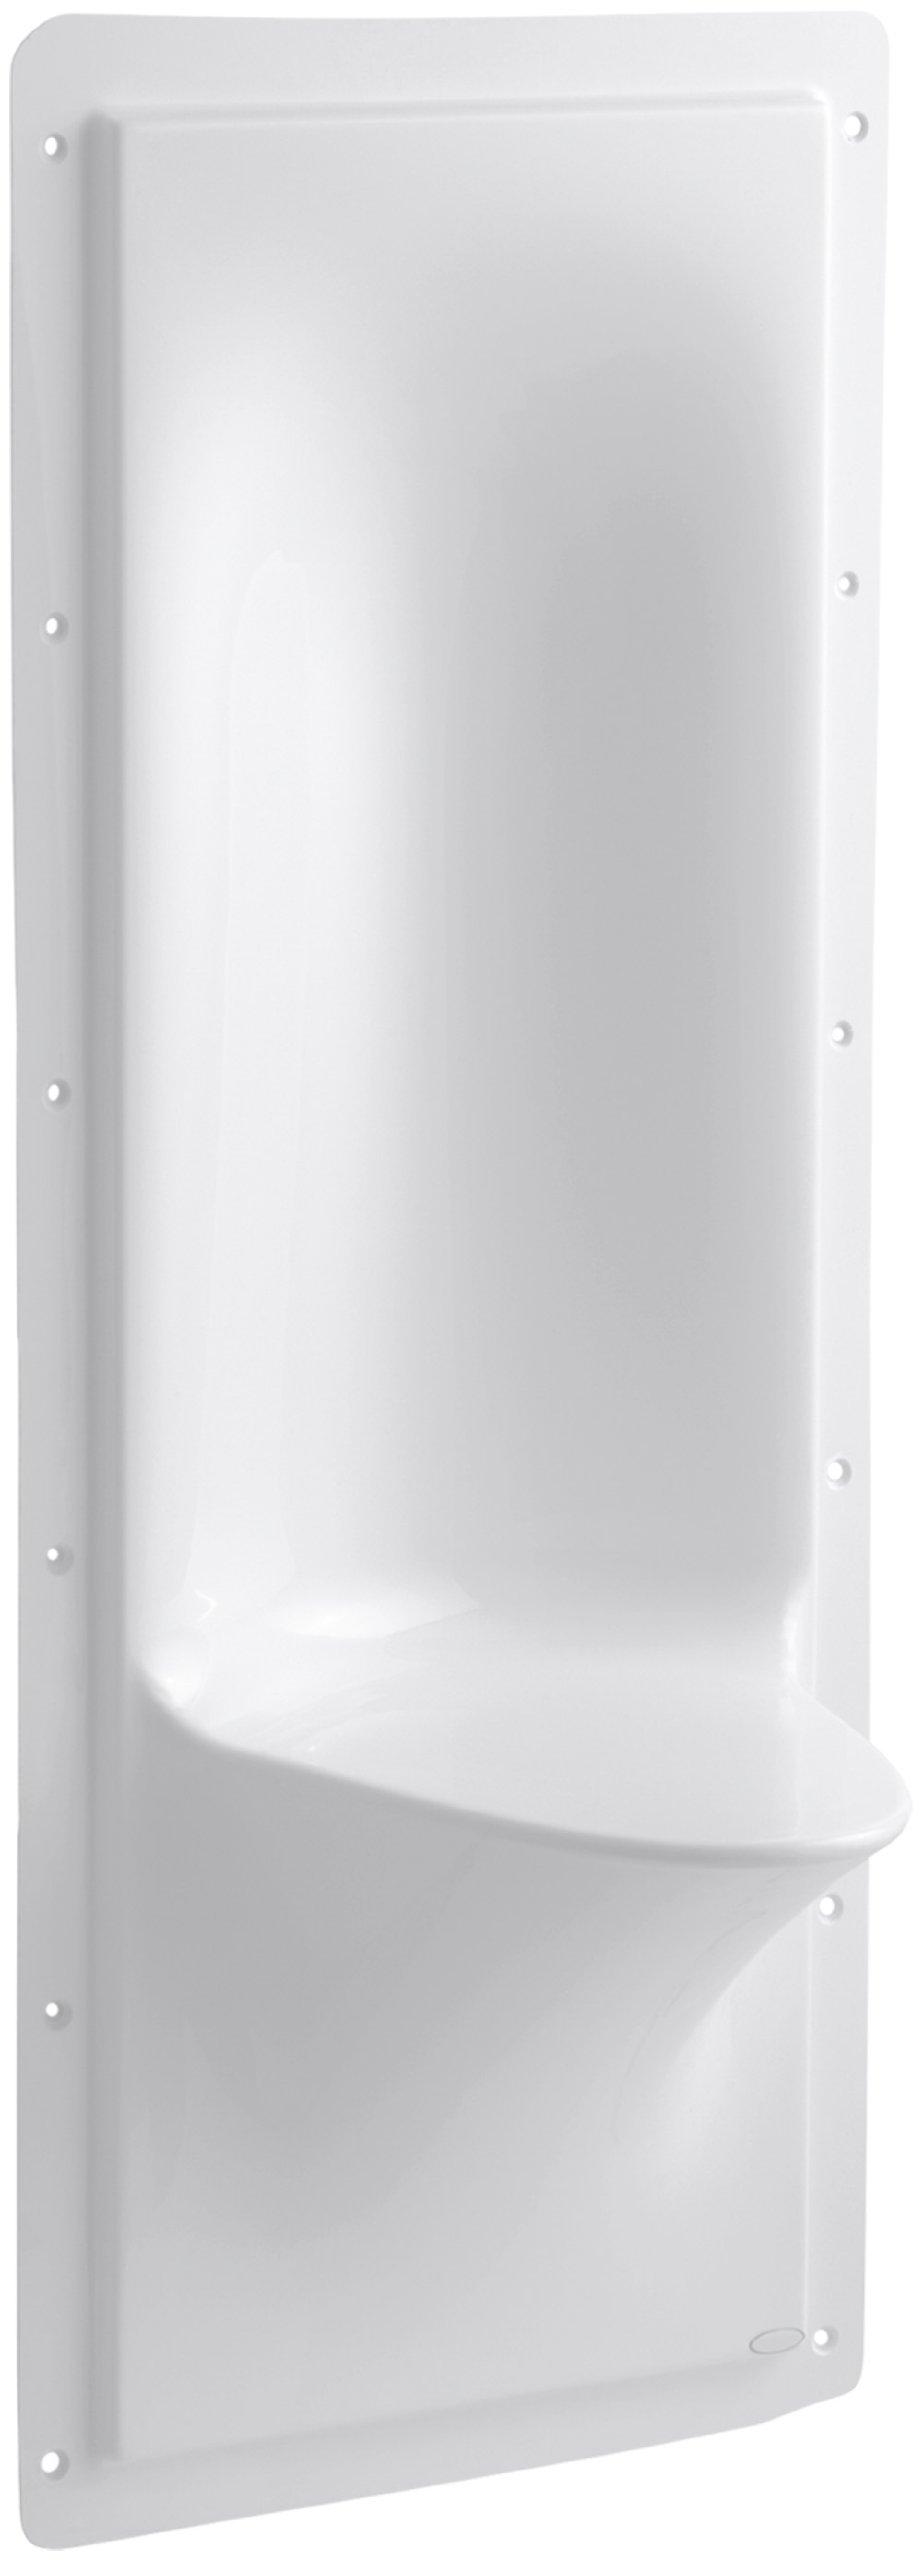 Kohler K-1843-0 Echelon Shower Seat, White